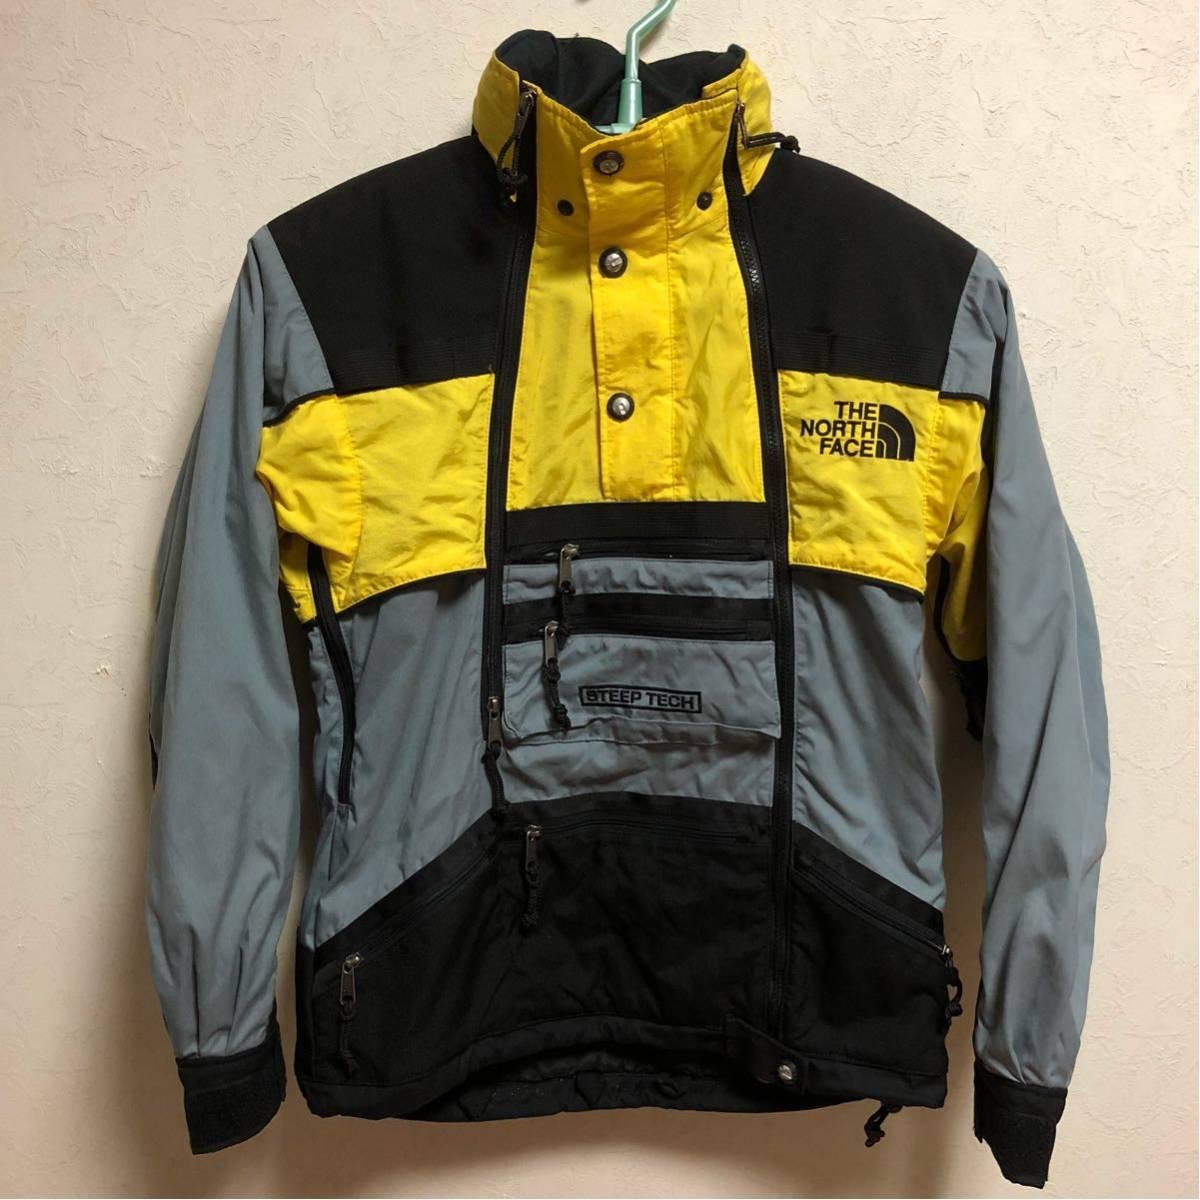 超激レア The North Face mountain steep tech jacket スティープテック ジャケット グリーン 1992 stadium p wing cap snow beach sport